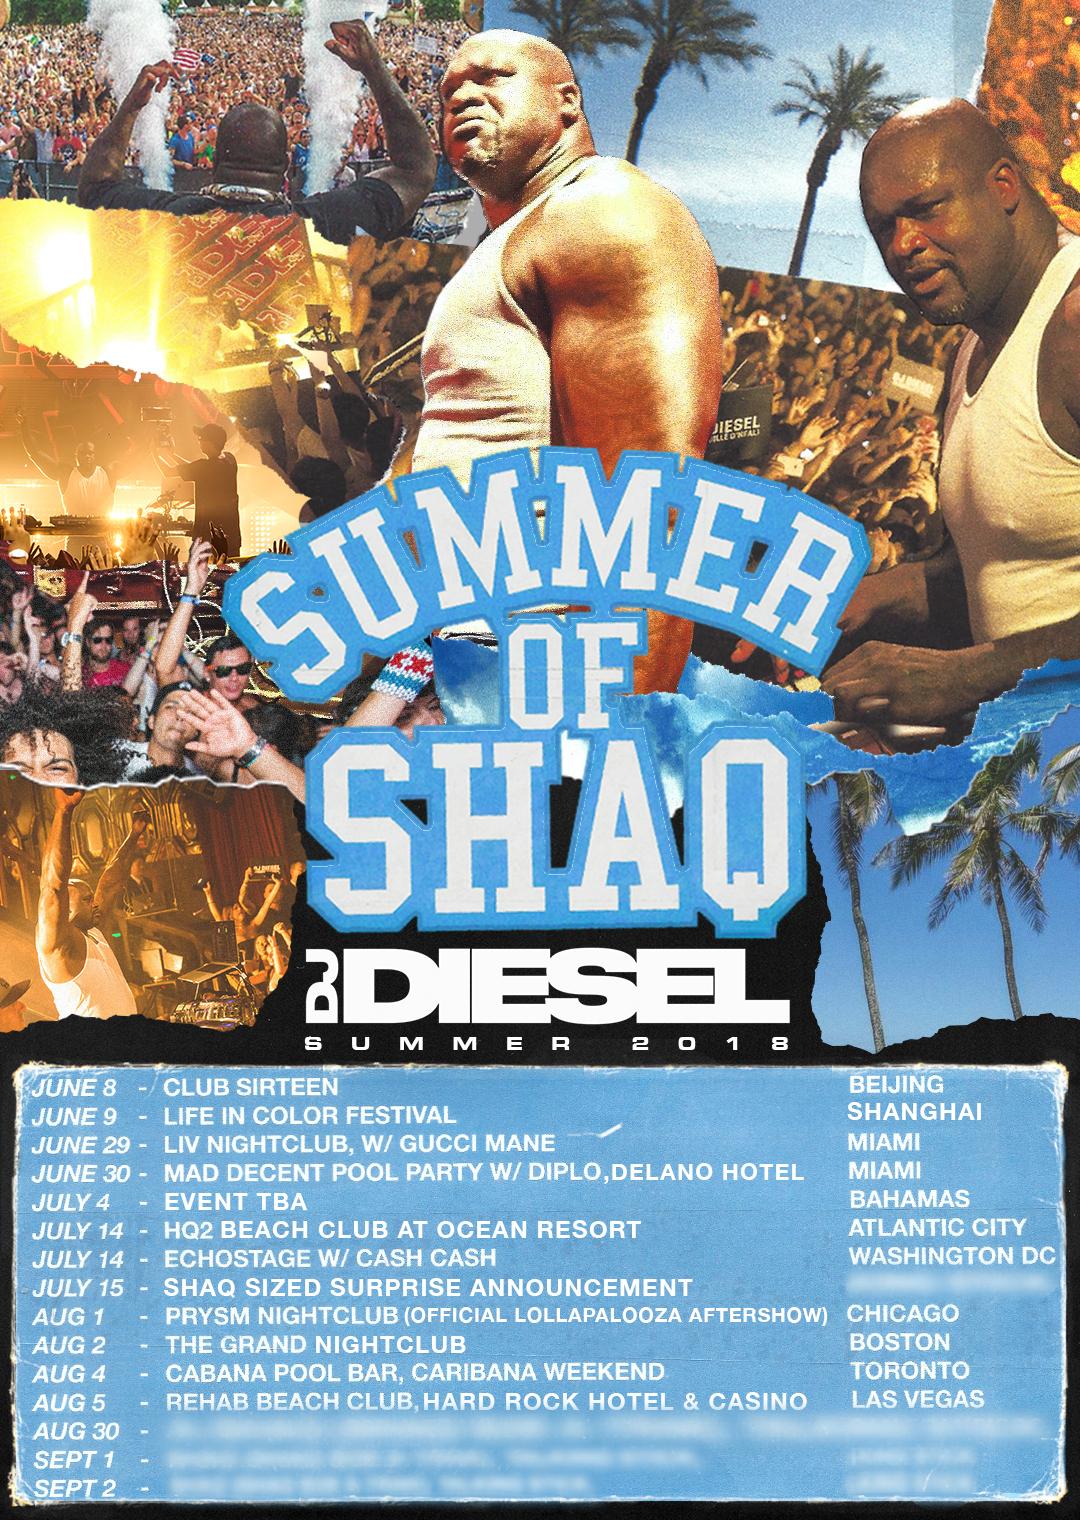 shaq-umumkan-tur-debutnya-summer-of-shaq-2